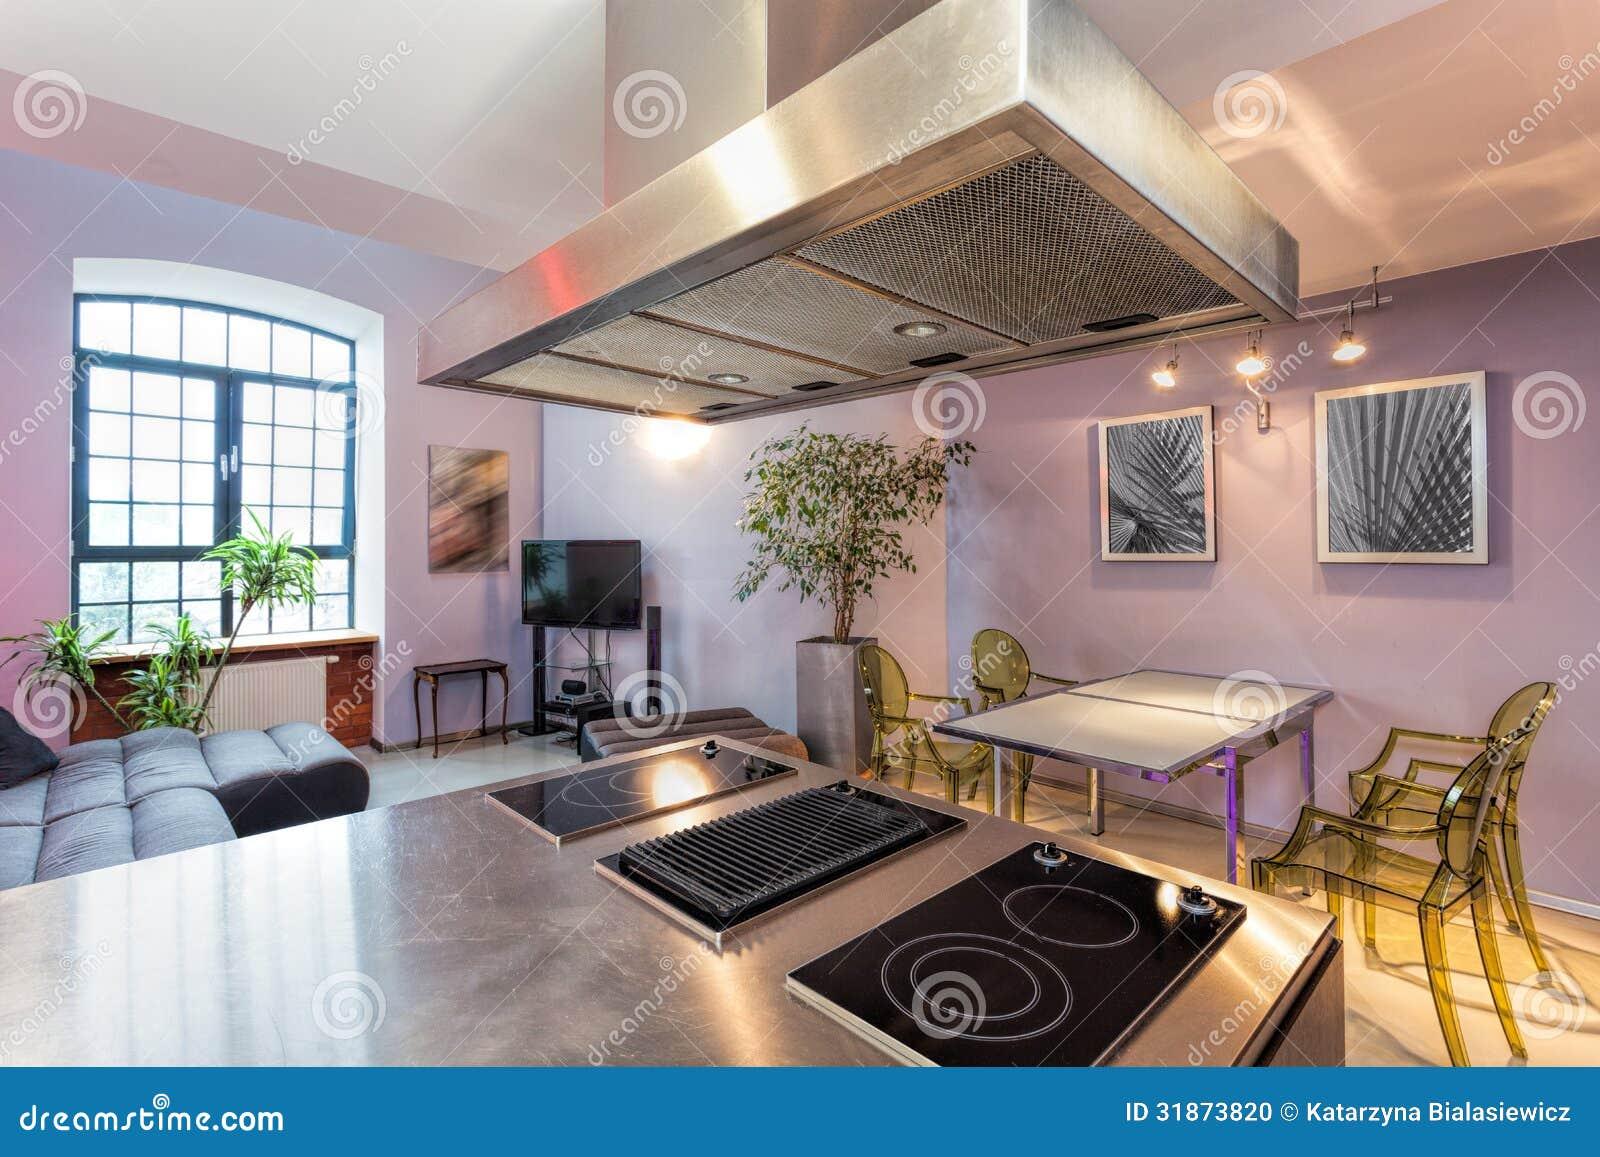 Cocina con la sala de estar foto de archivo imagen 31873820 for Sala de estar y cocina